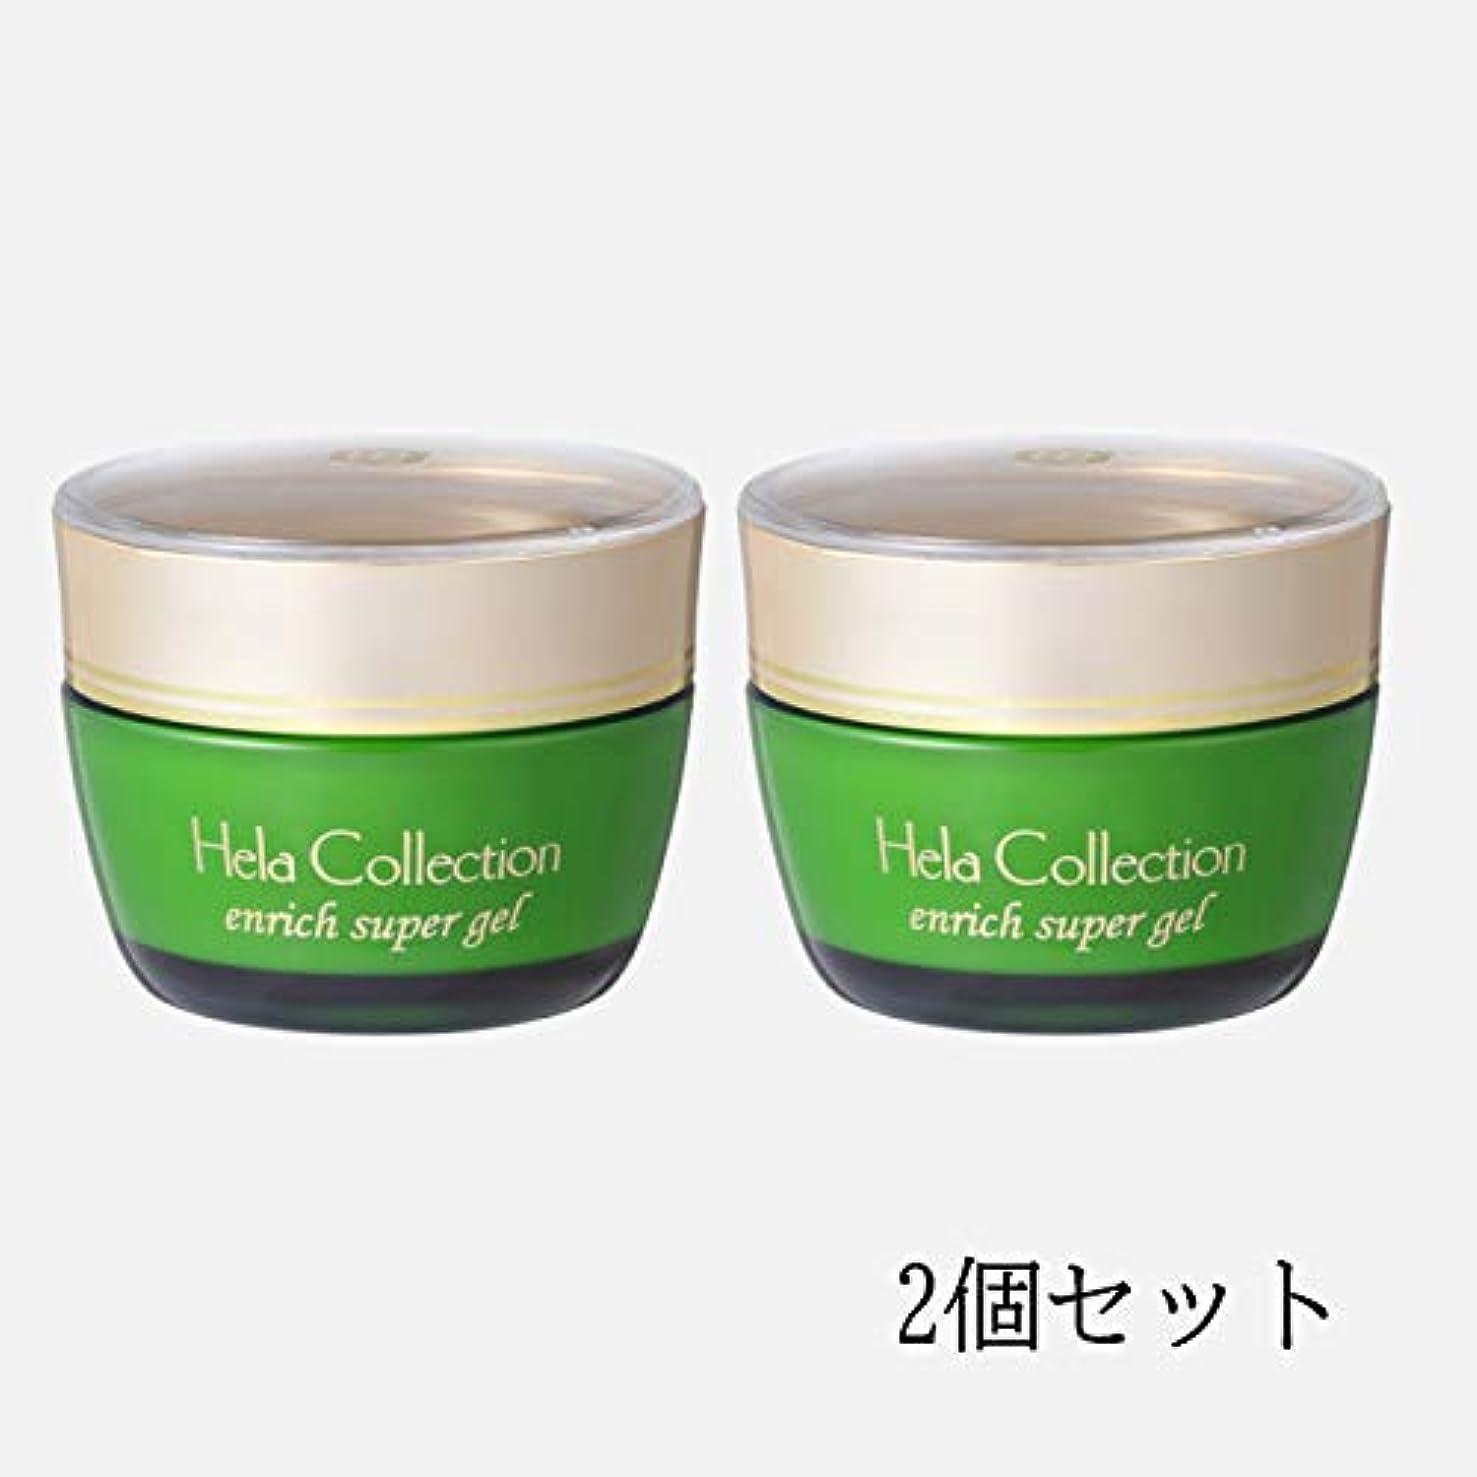 ランタン検証更新【大高酵素】エンリッチスーパージェル ジェル状美容液 2個セット